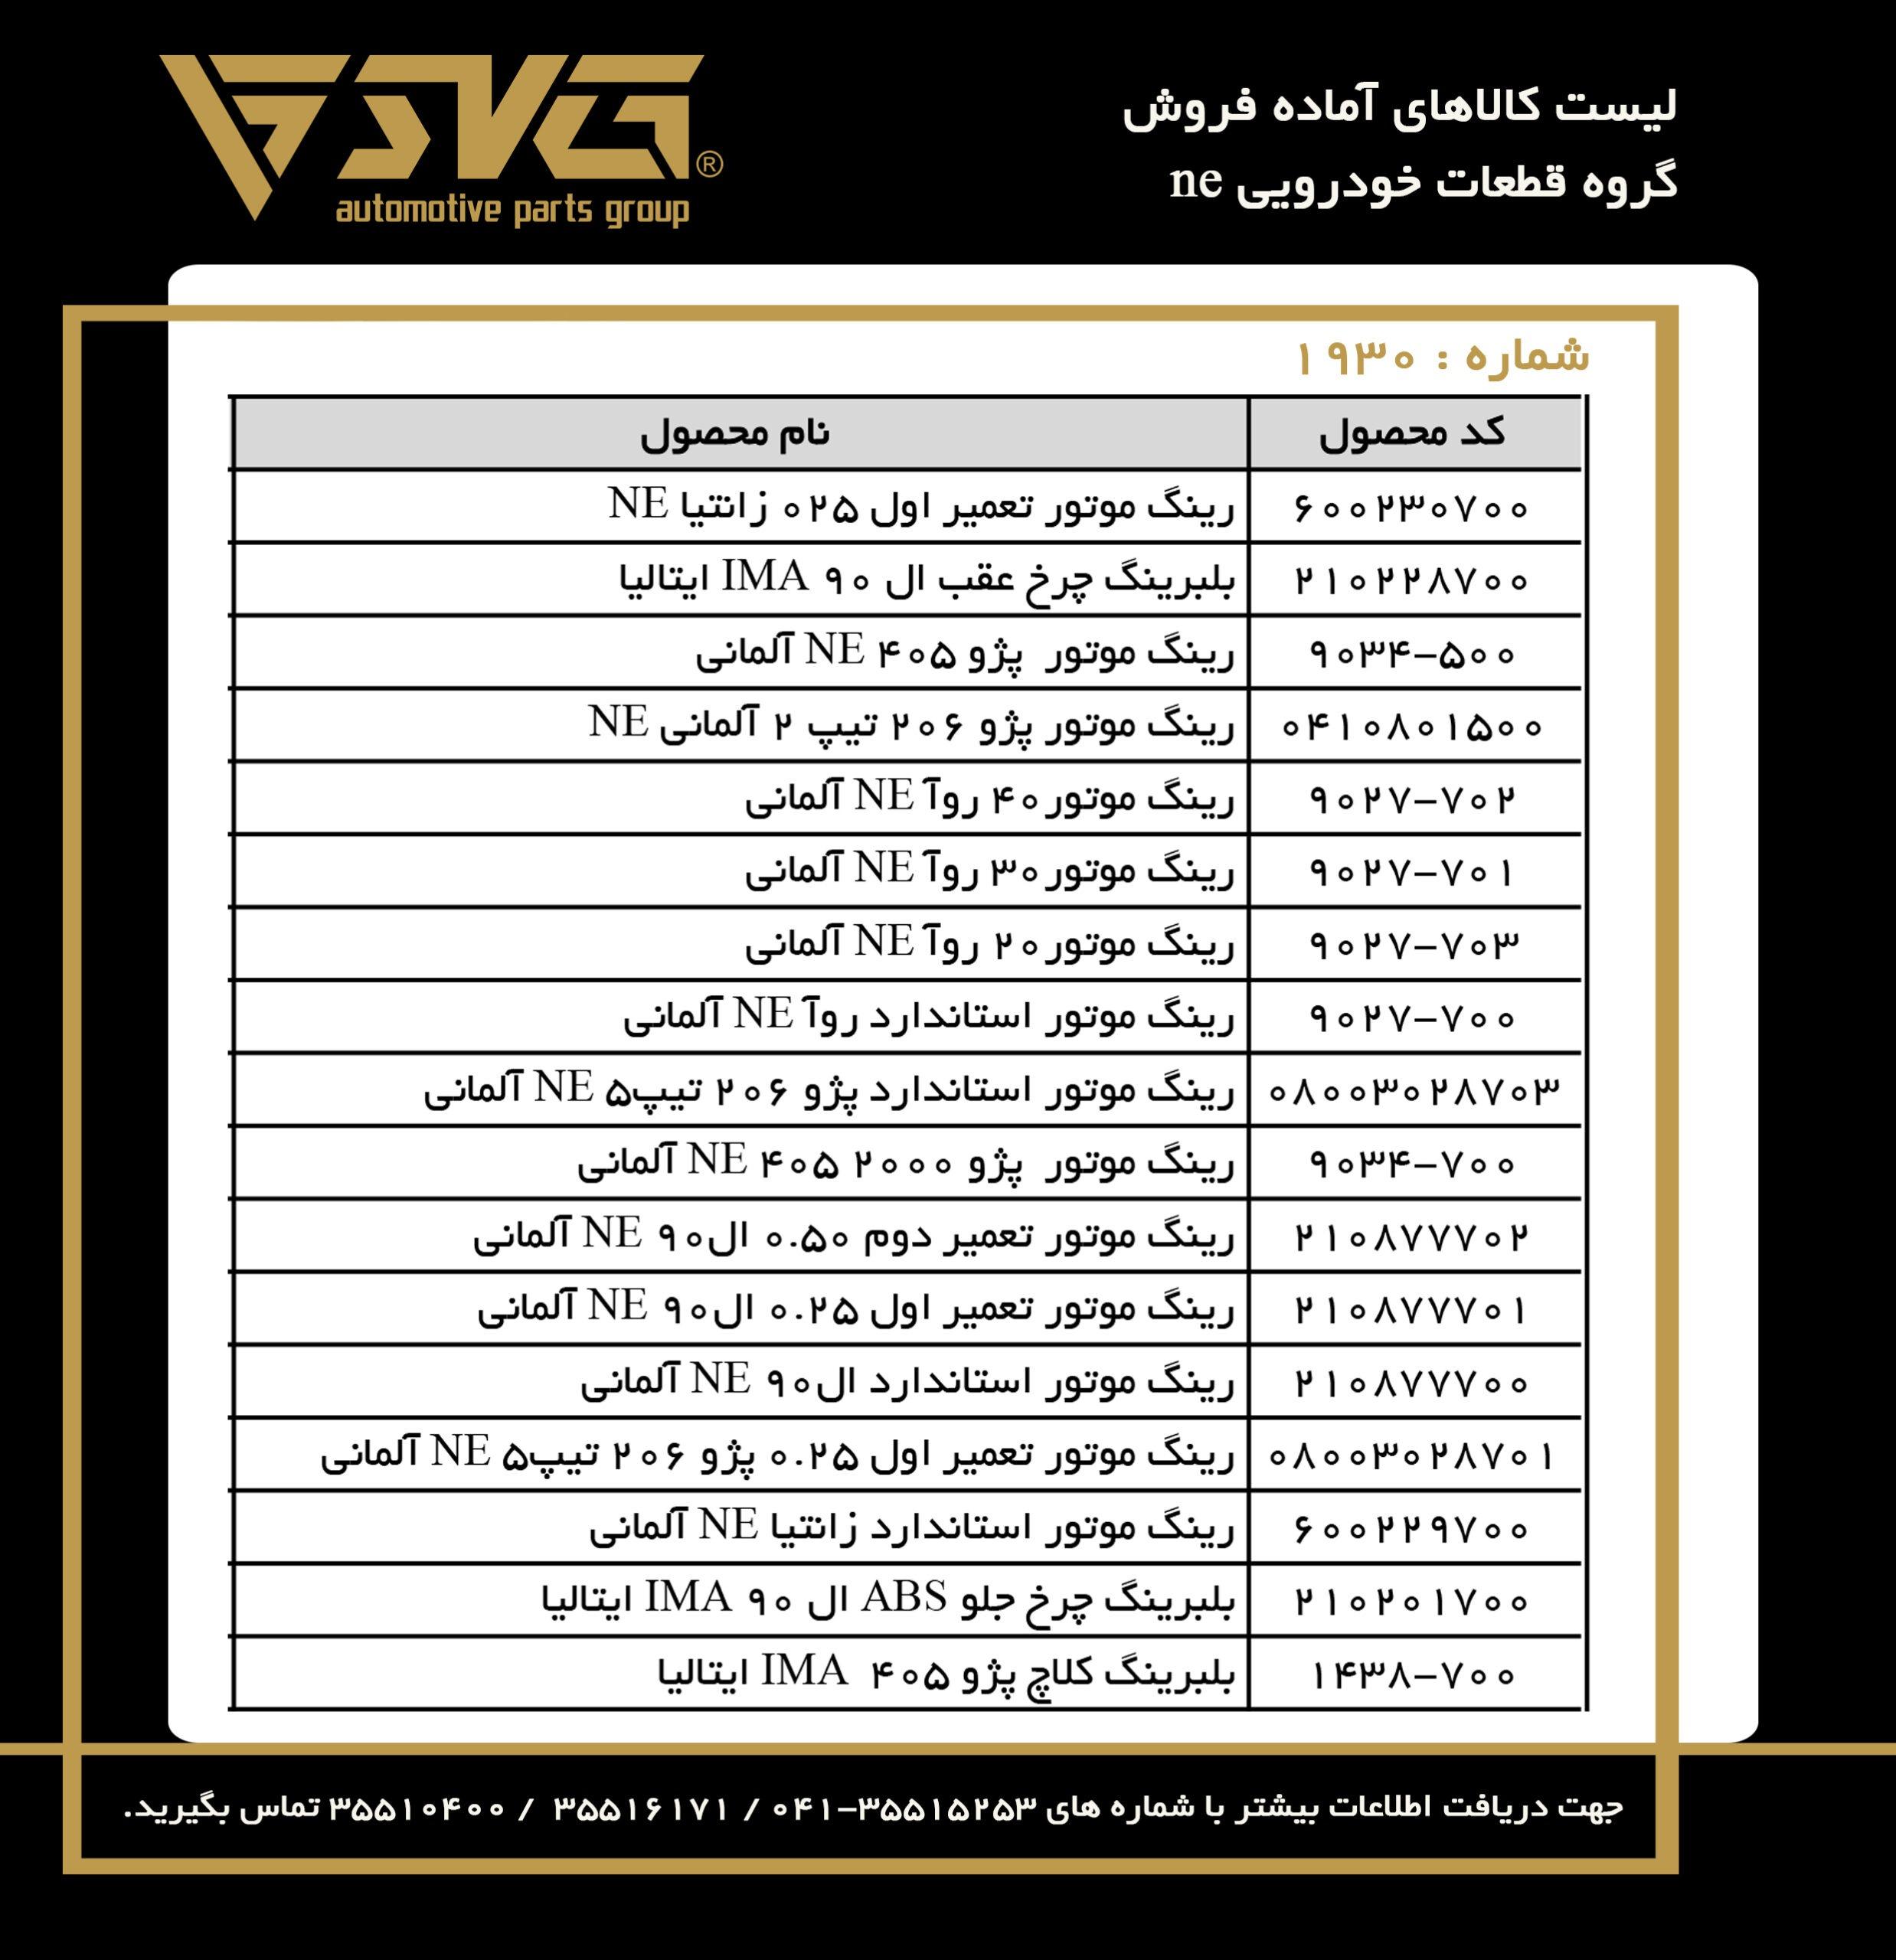 آماده فروش 26 بهمن 99